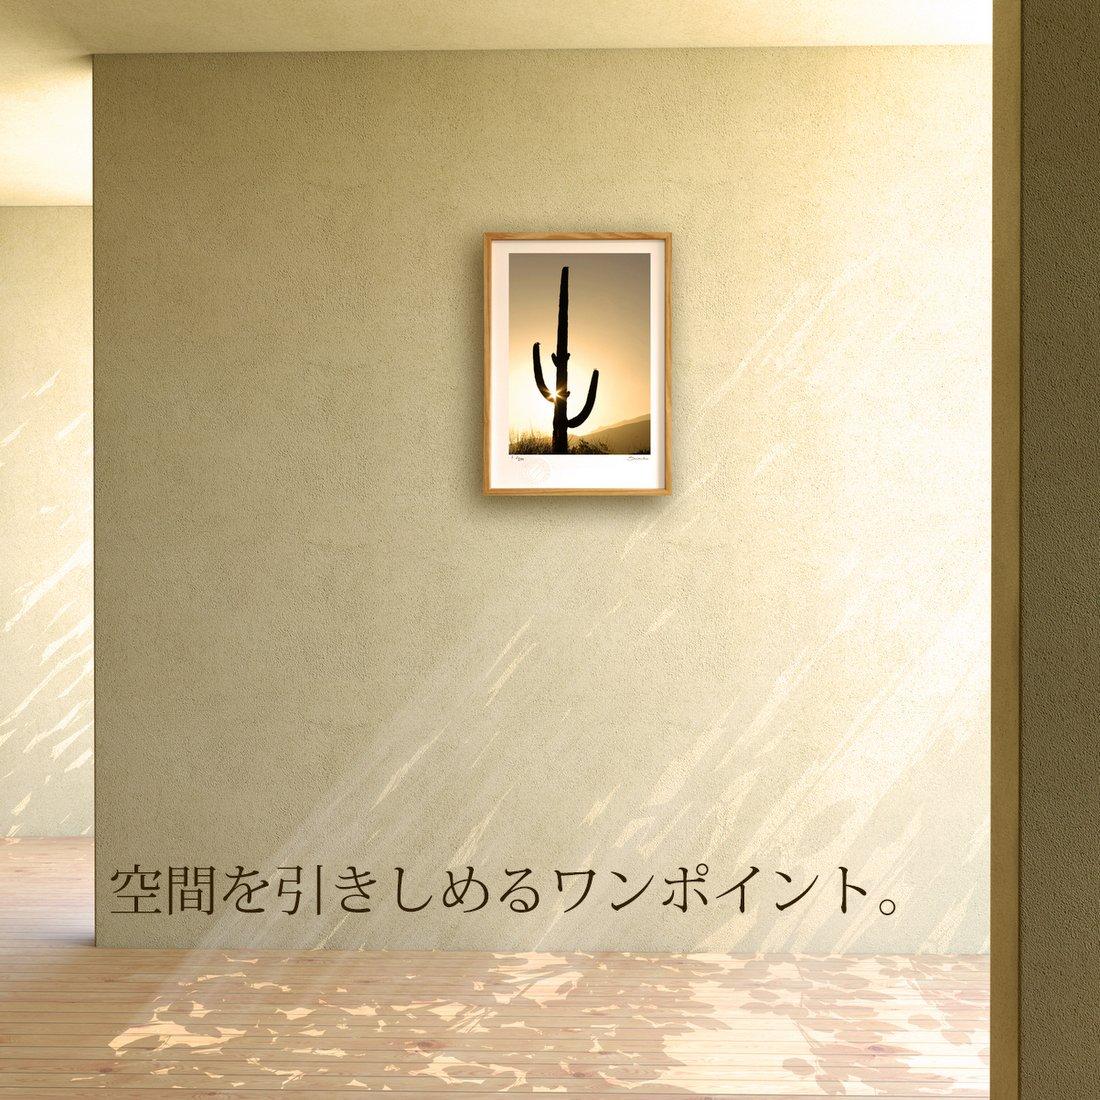 【版画 絵画】モーテルサイン オン ルート66(スミコ スコット)/インテリア 壁掛け 額入り アート アートパネル アートフレーム